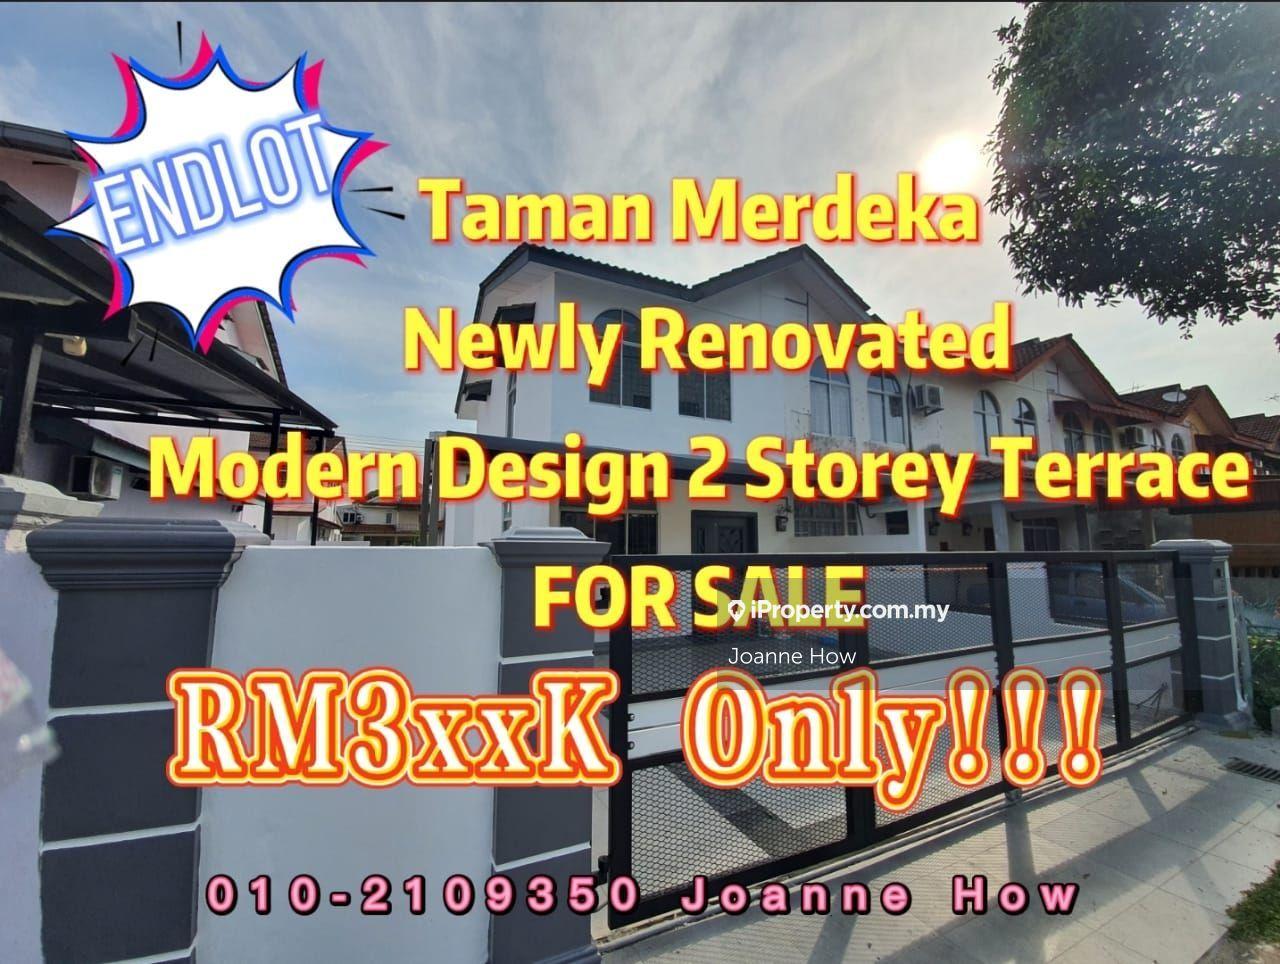 ENDLOT Taman Merdeka 2 Storey Terrace near Cheng, Melaka Tengah